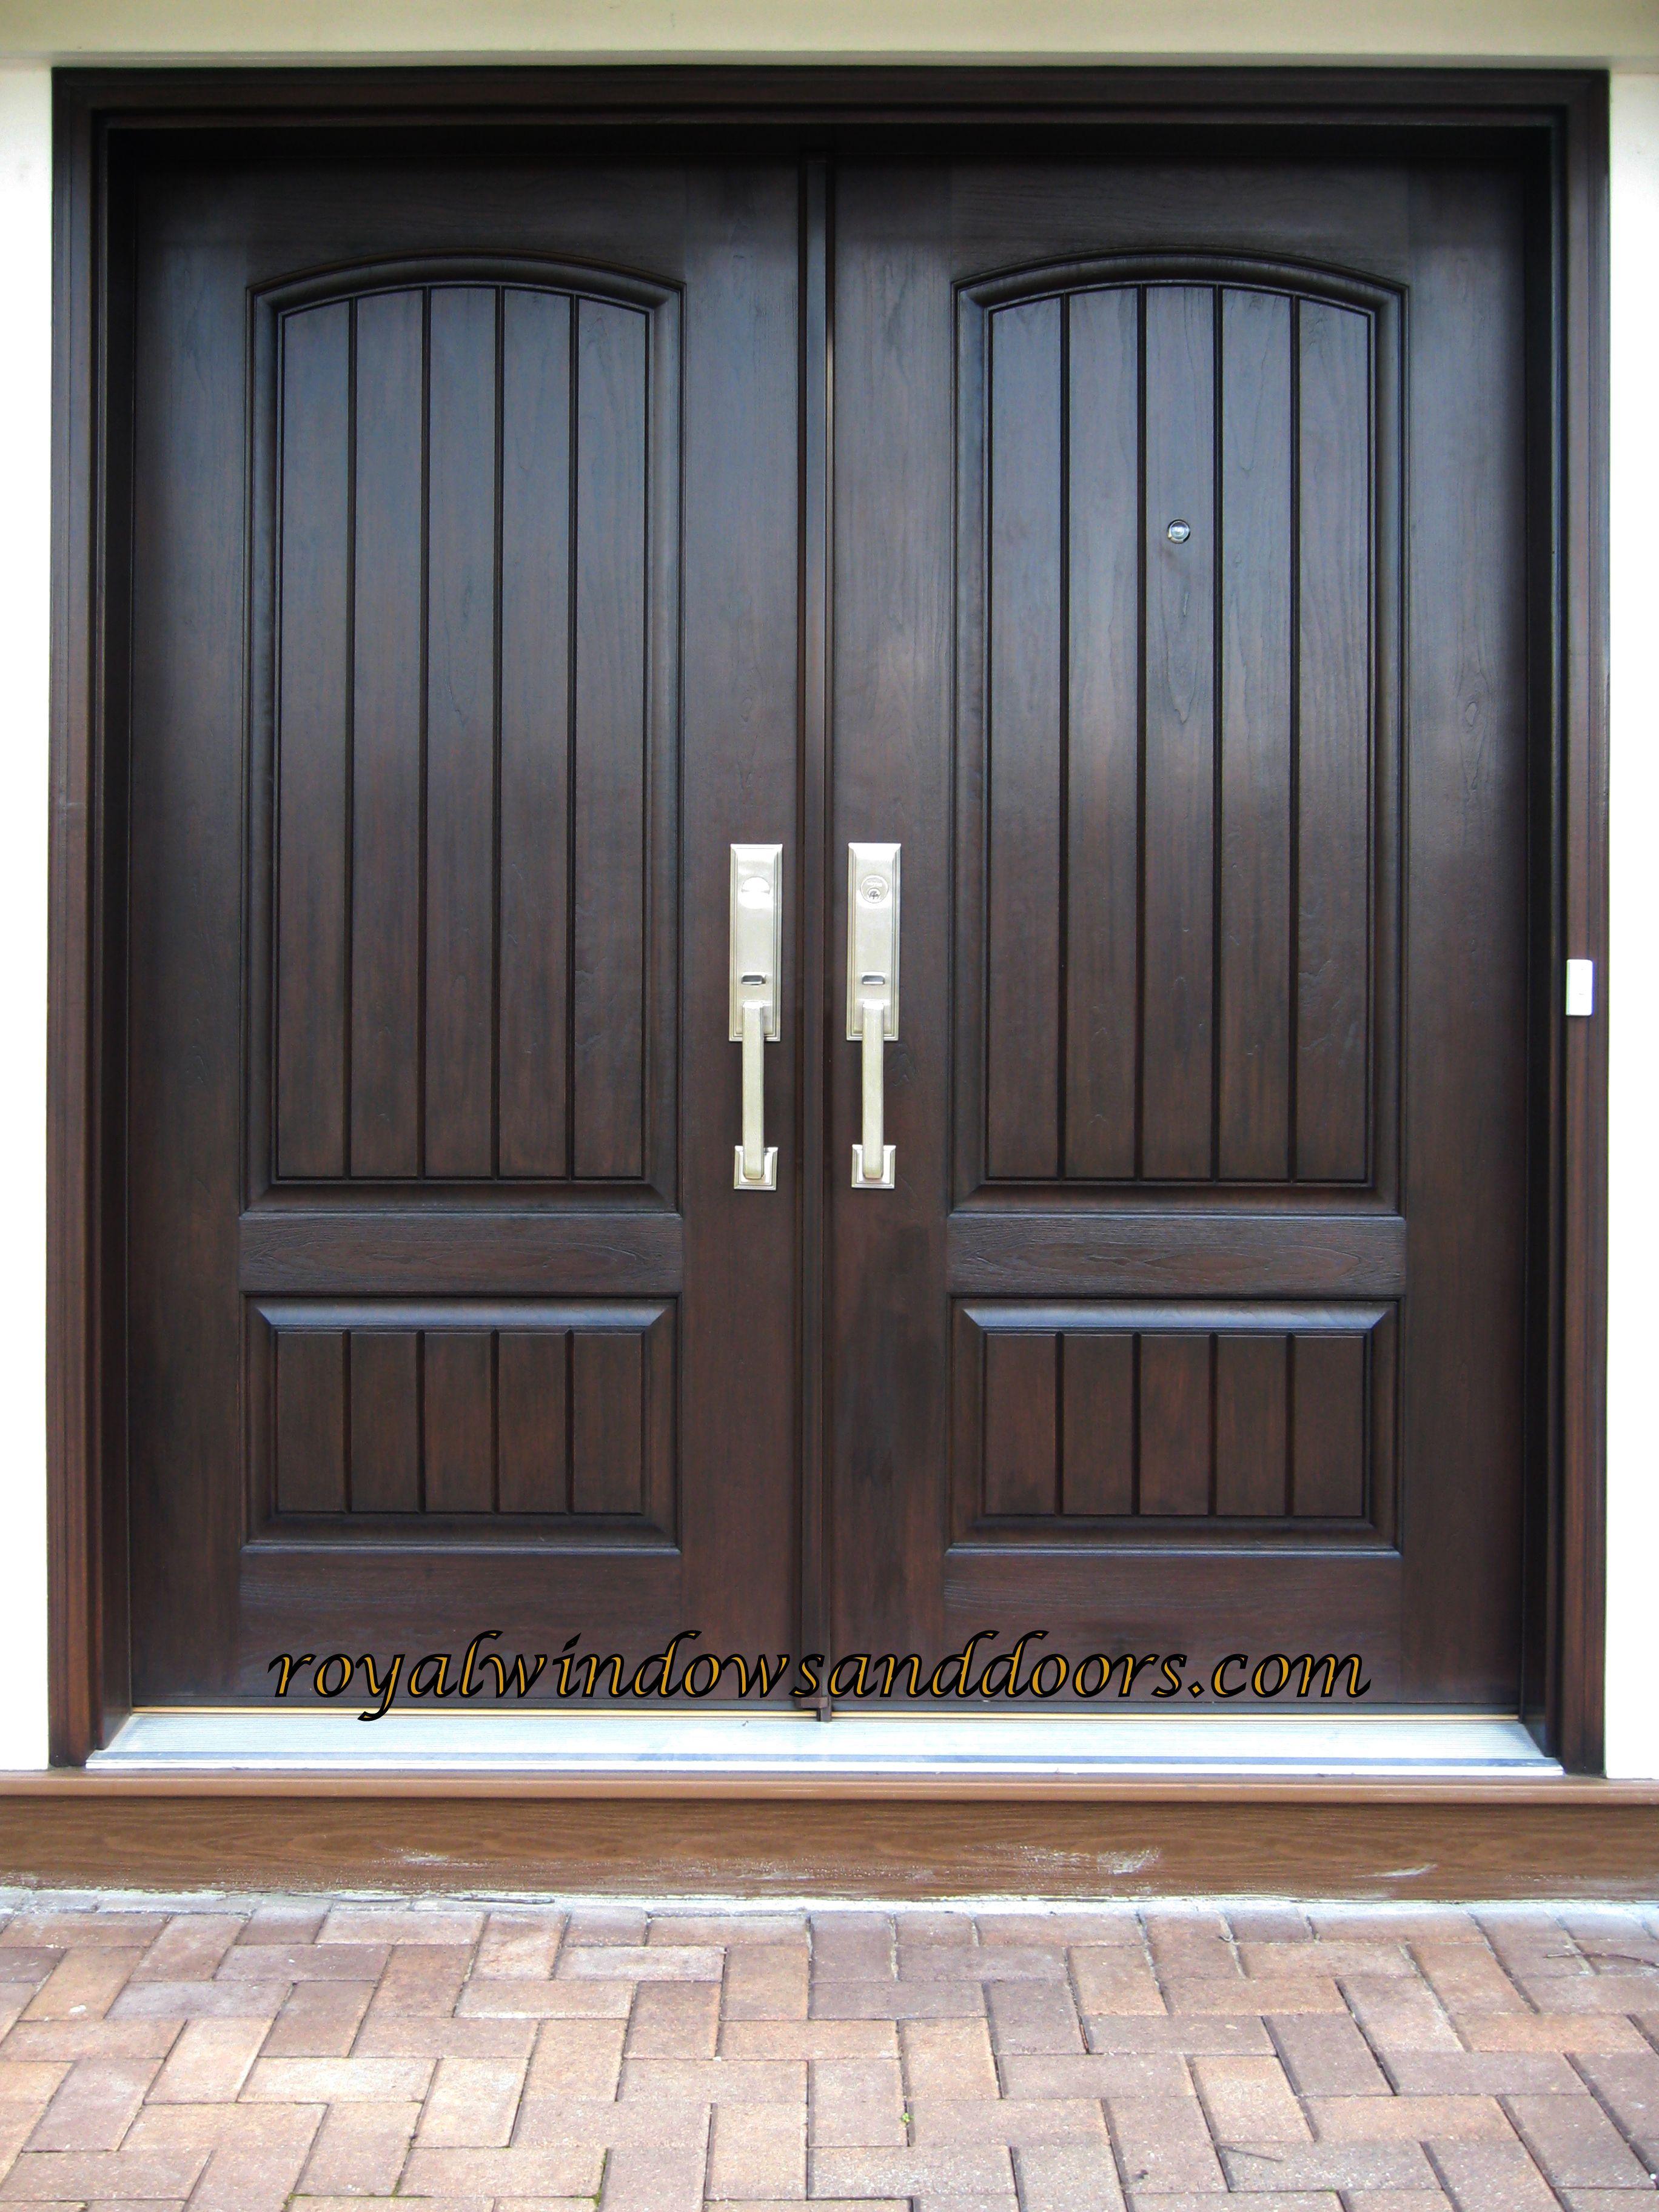 Fiberglass entry door systems wood doors - Double Entry Door System Fiberglass With Wrought Iron Royal Entry